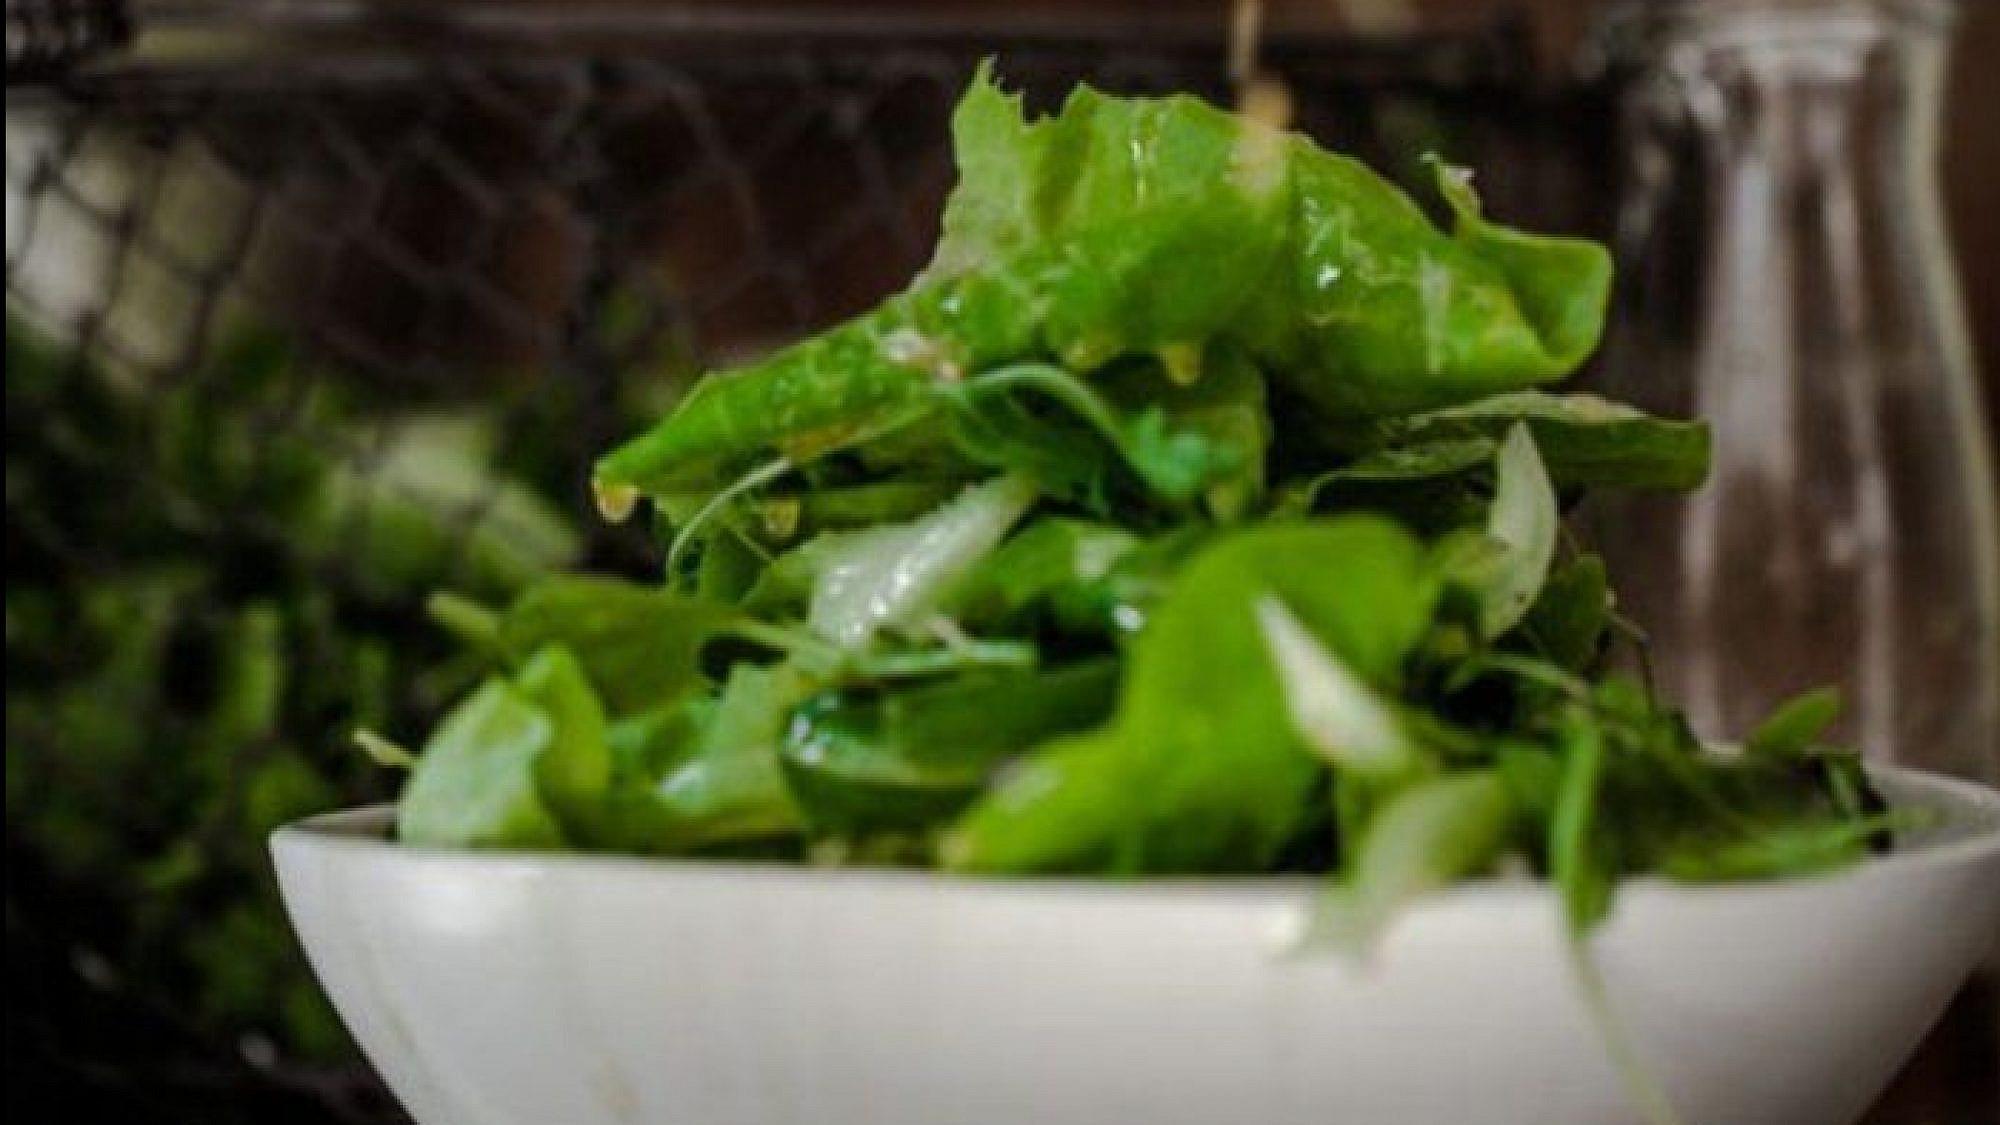 סלט ירוק עם ויניגרט של רותי רוסו. צילום: זוהר רון